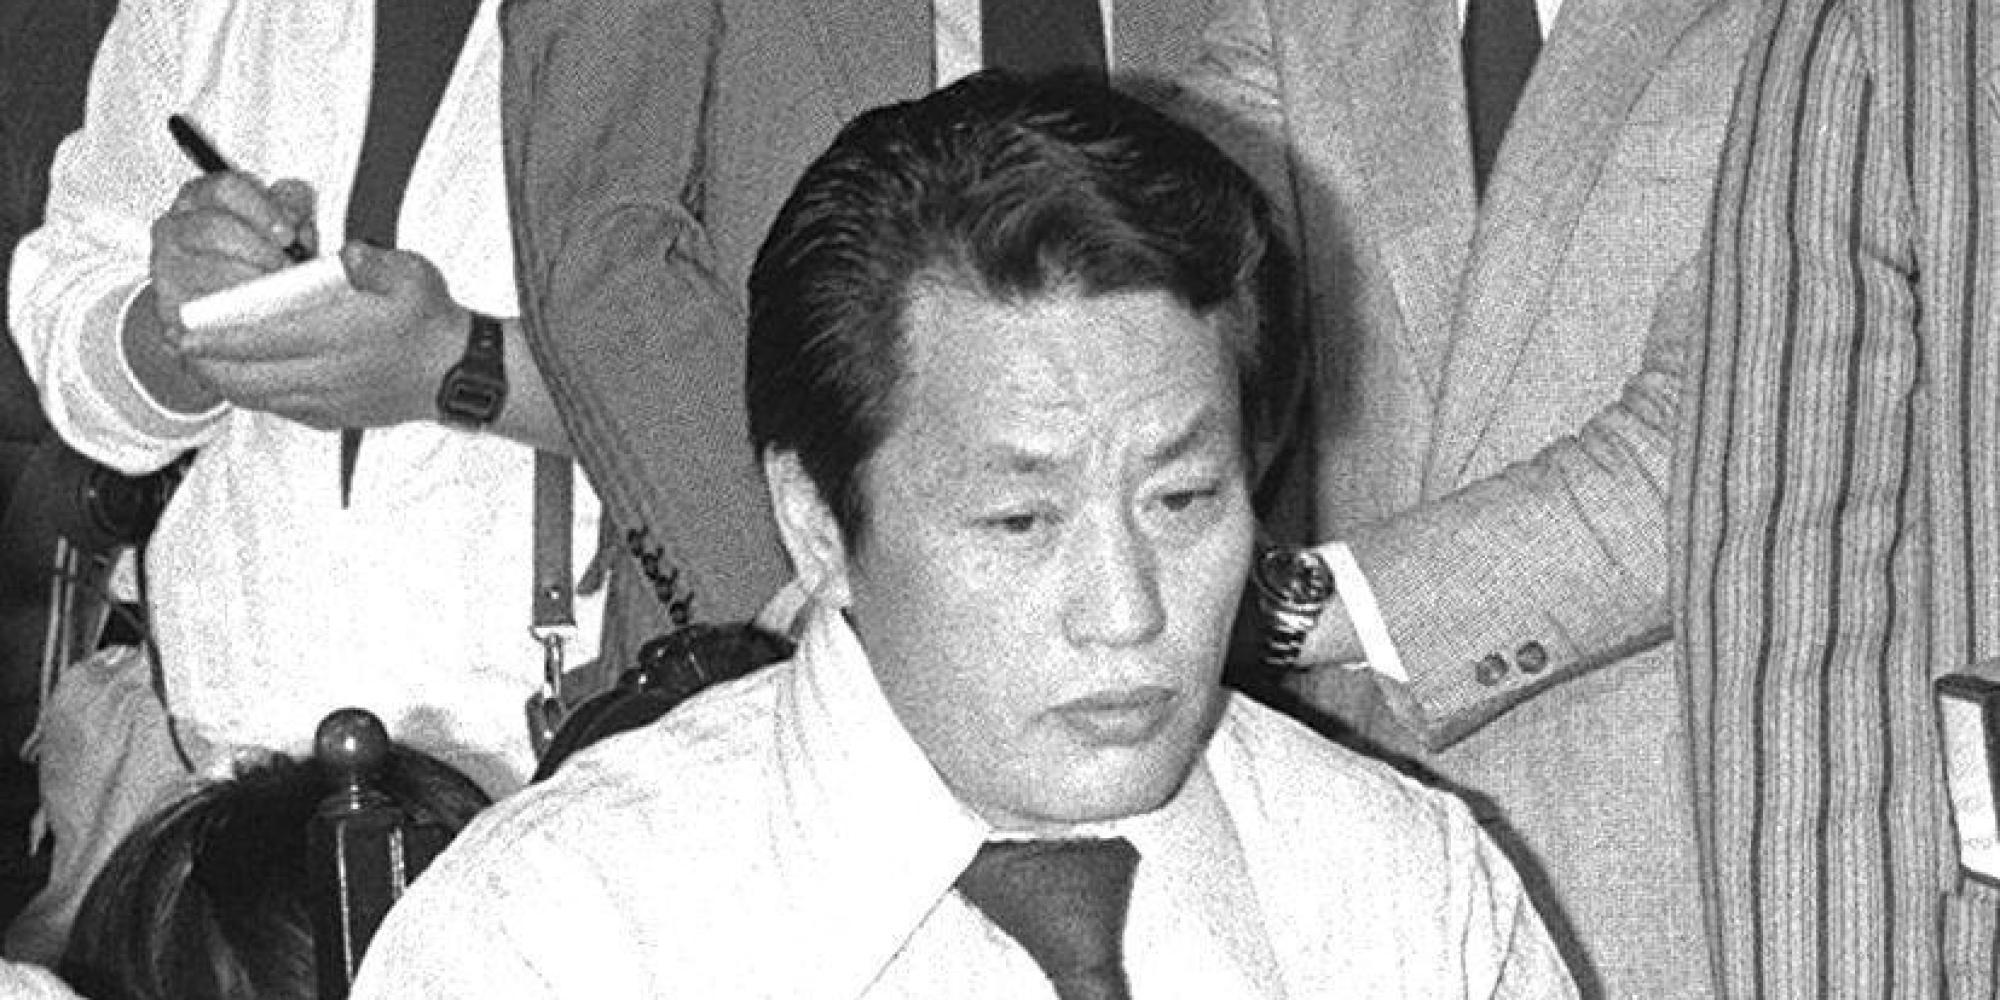 小林正彦さん死去 石原プロで裕...